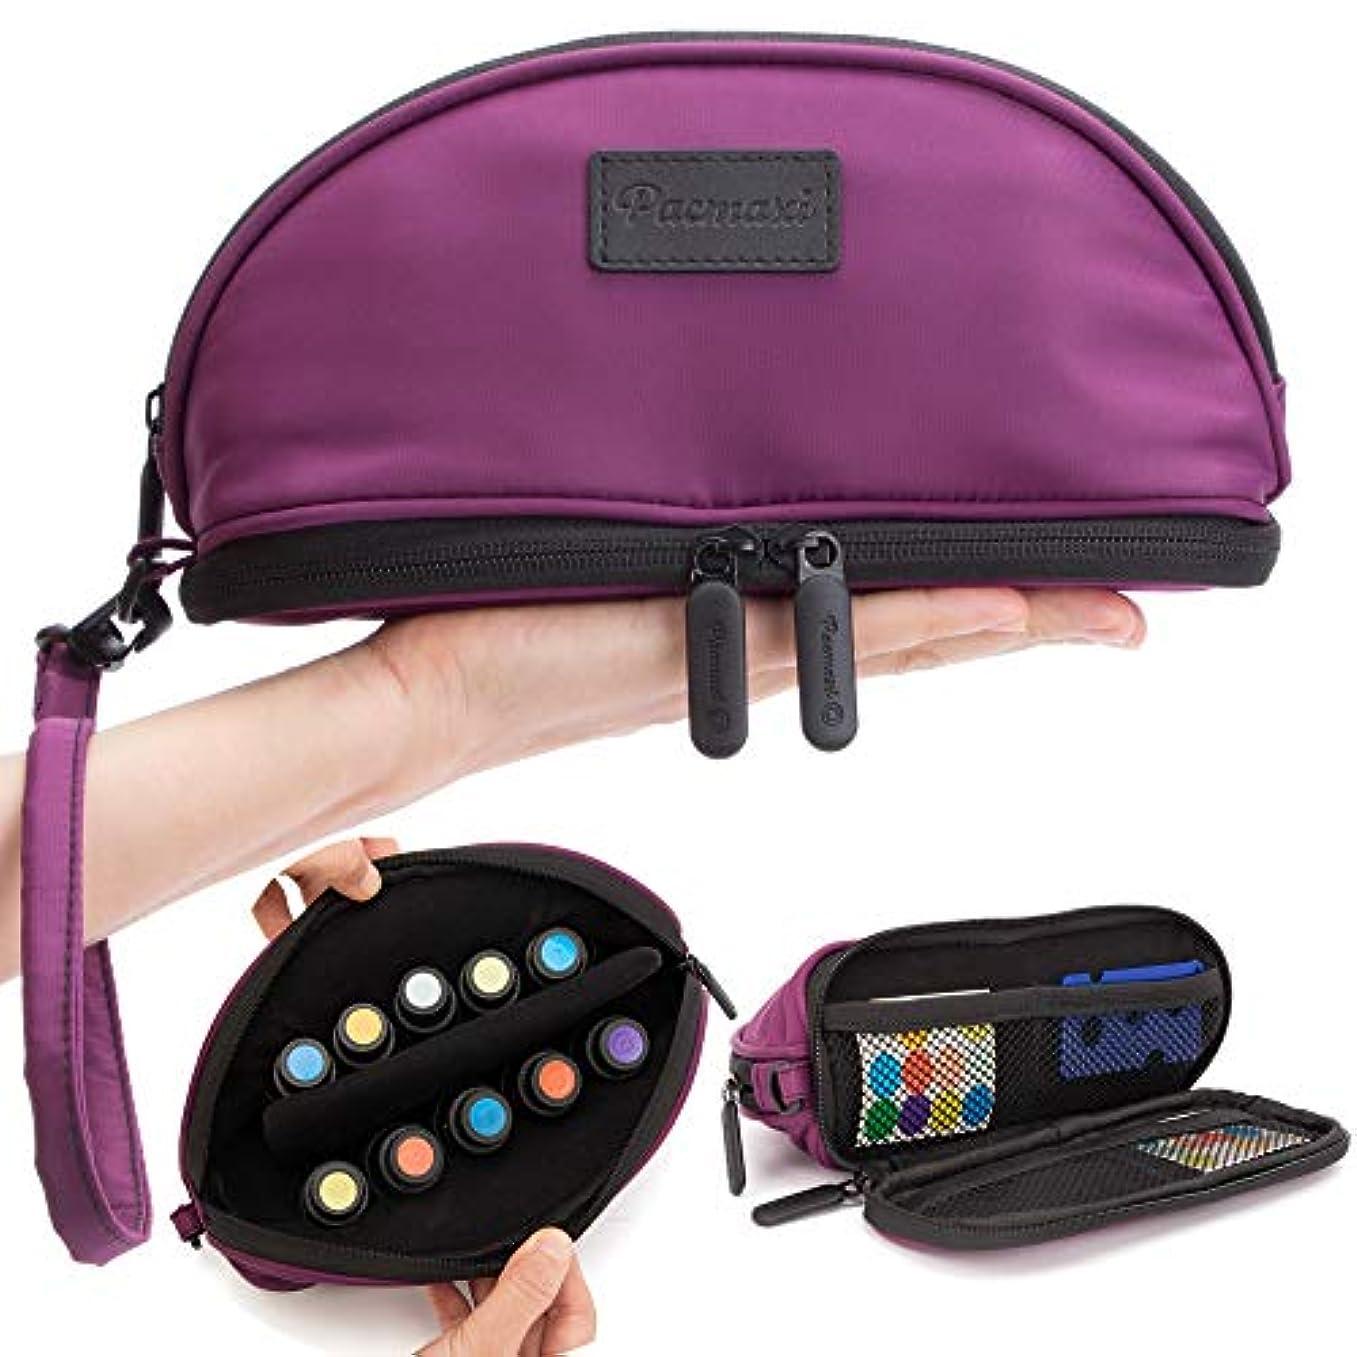 コントラストテラスではごきげんよう[Pacmaxi]エッセンシャルオイル 収納ポーチ 携帯便利 旅行 10本収納(5ml - 15ml) ナイロン製 撥水加工 ストラップあり (パープル)